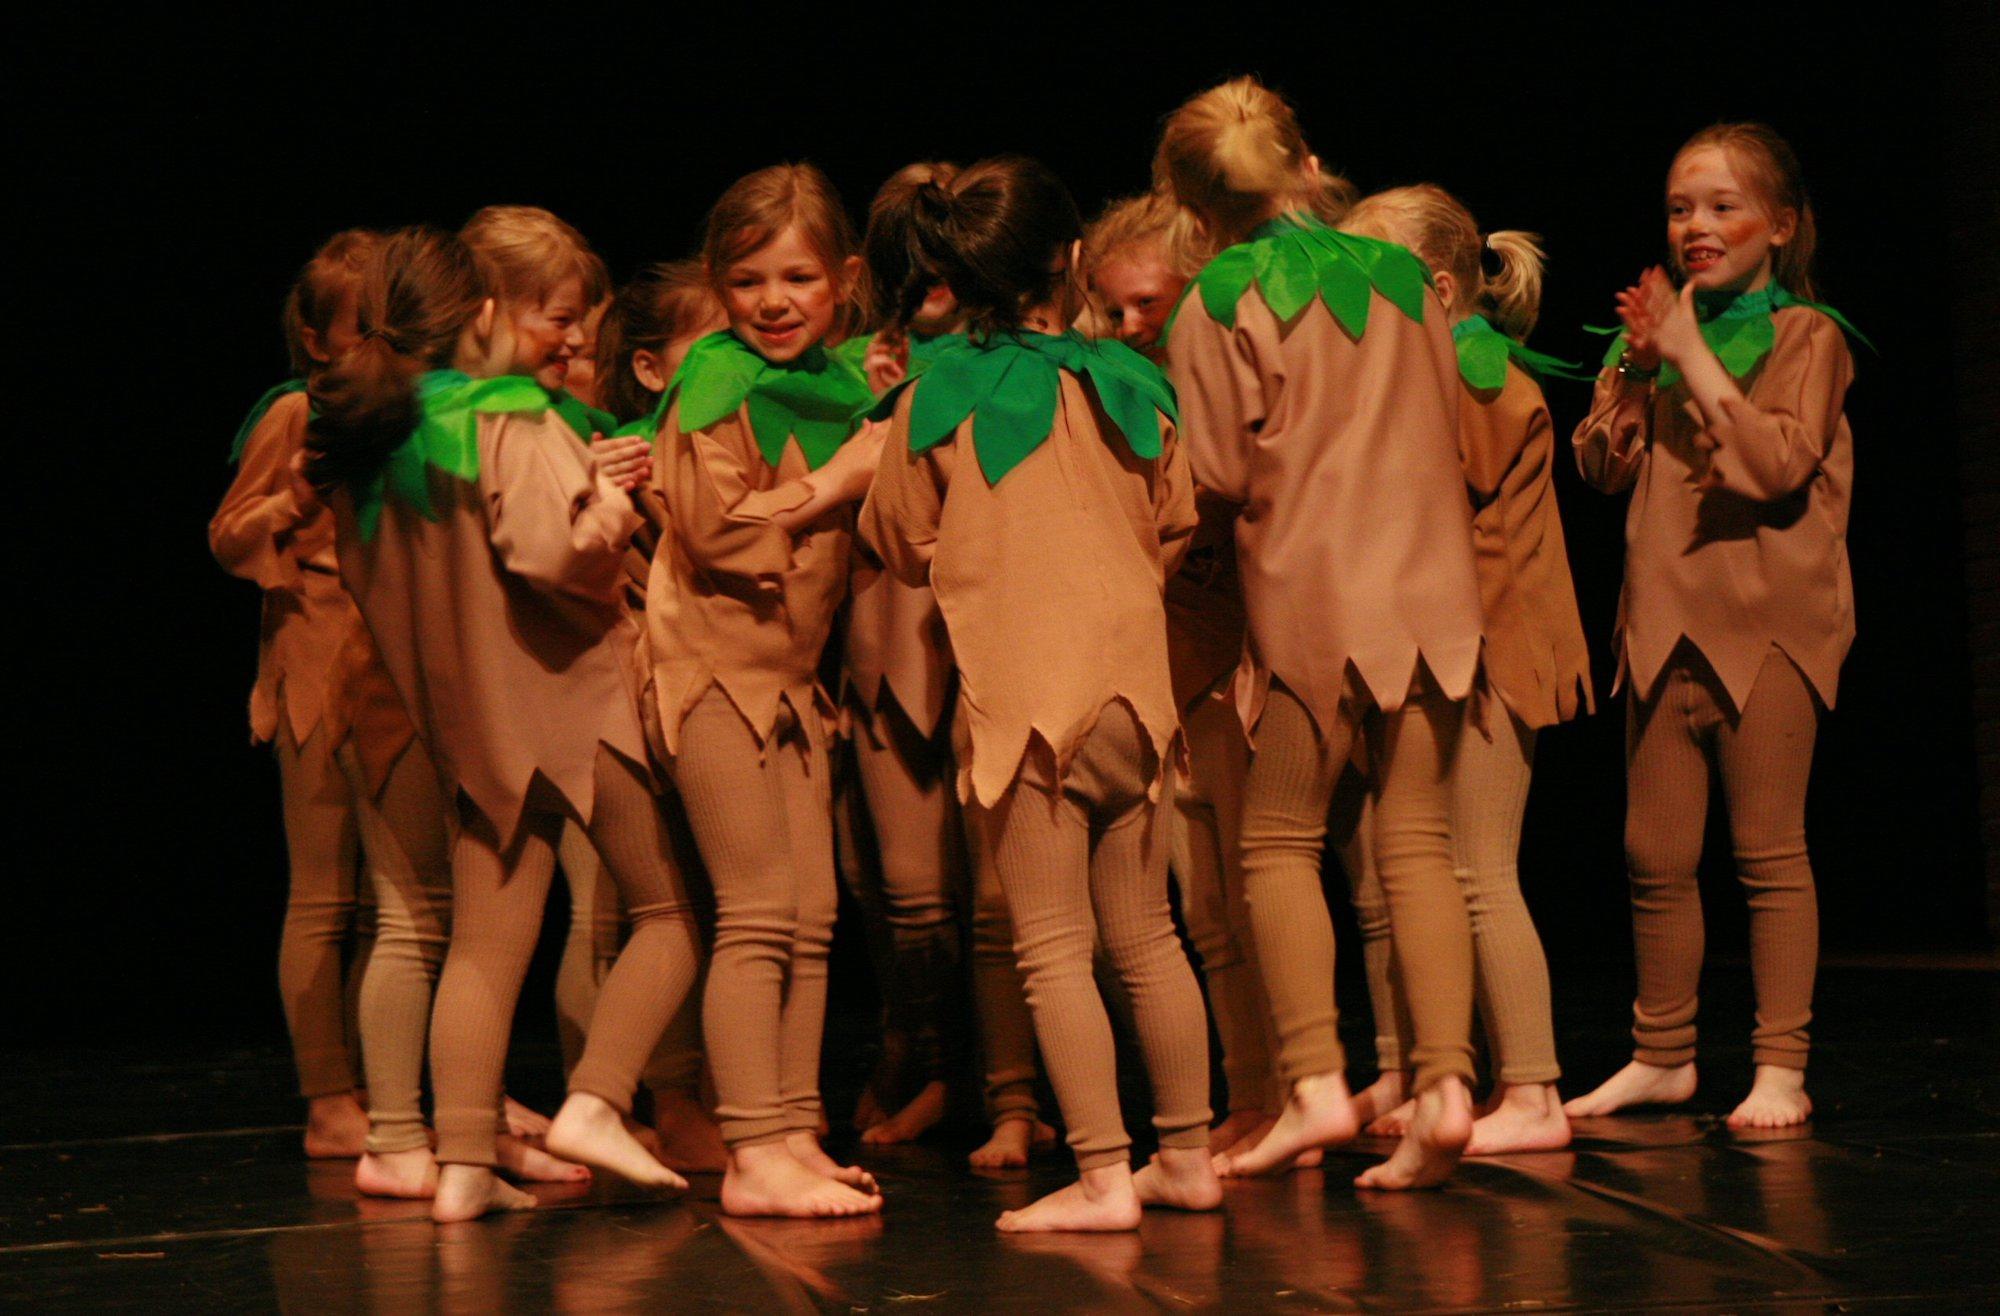 14-IMG_0310lolaroggeschule-kinderauffuehrung-diekleinehexe-herve-2006